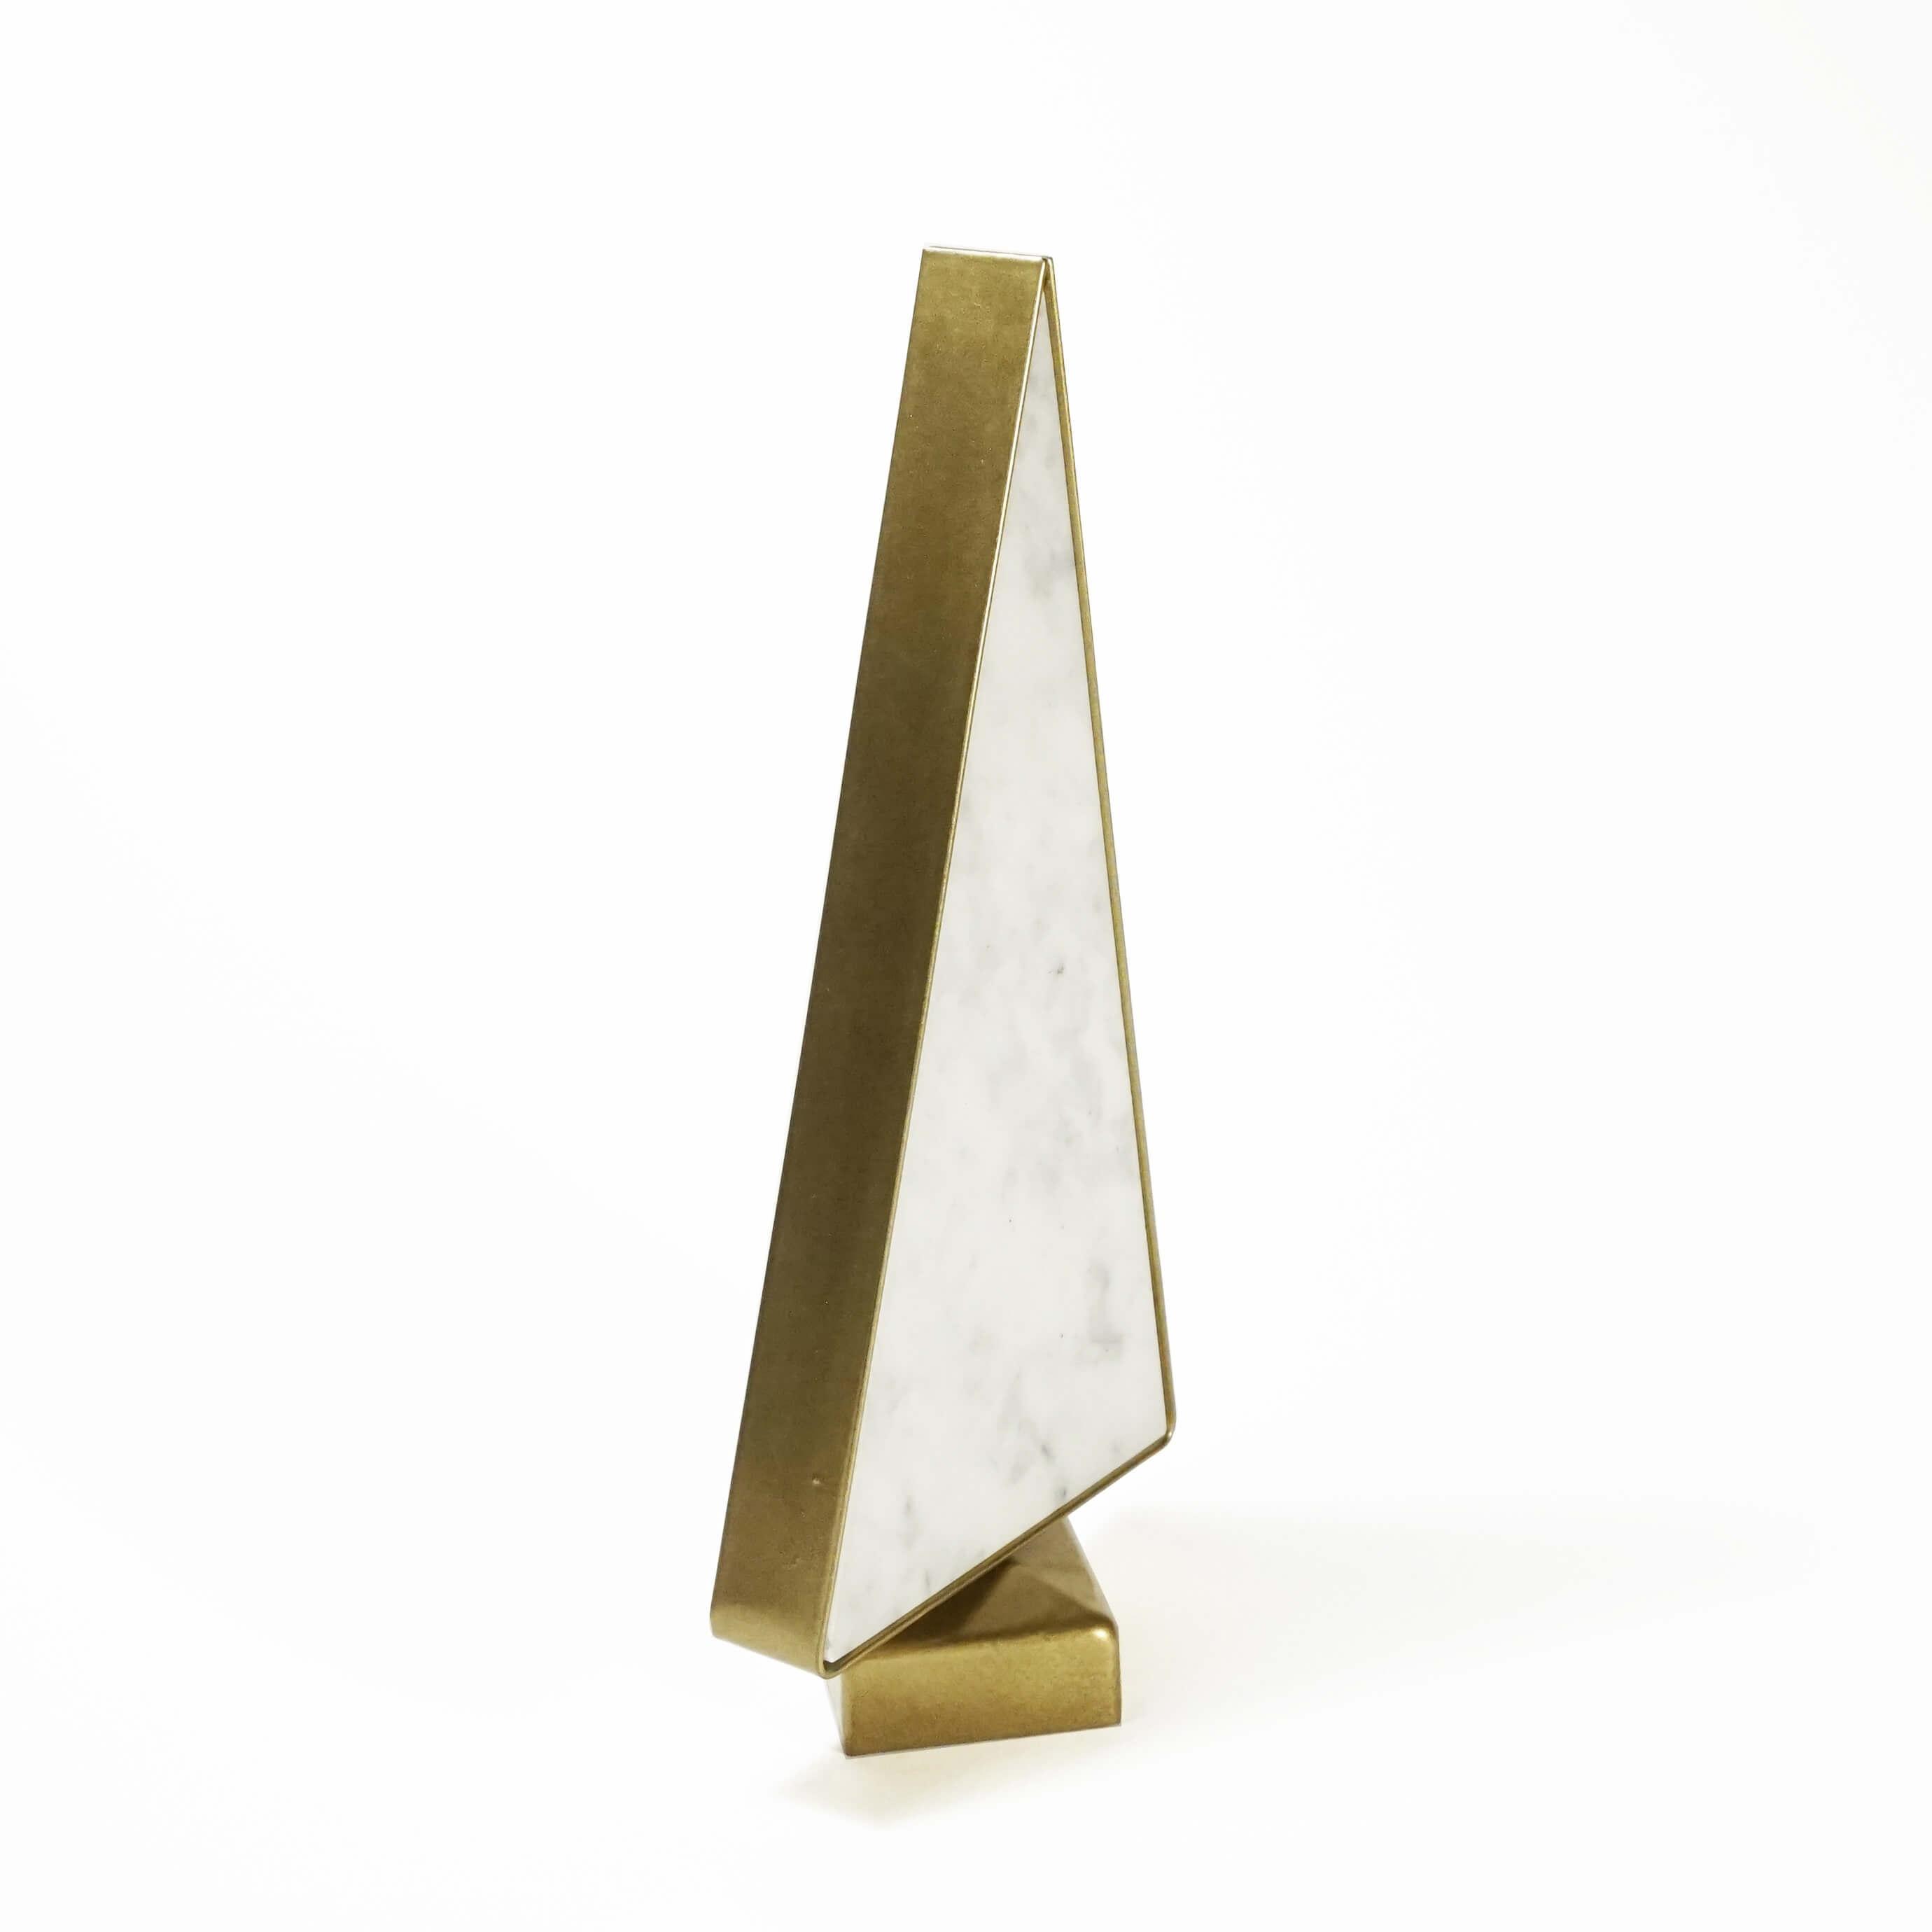 Ozdoba w kształcie choinki wykonana z białego marmuru i stali malowanej proszkowo na złoto